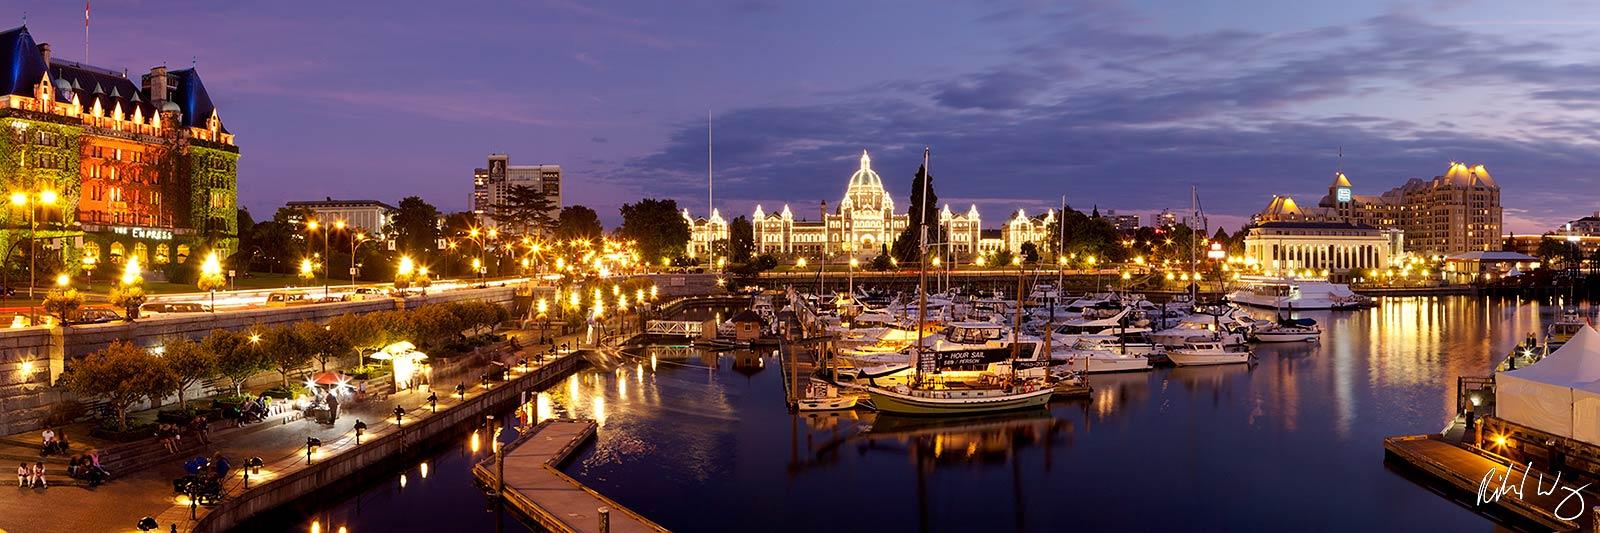 Panoramic of Victoria Inner Harbour, British Columbia, Canada